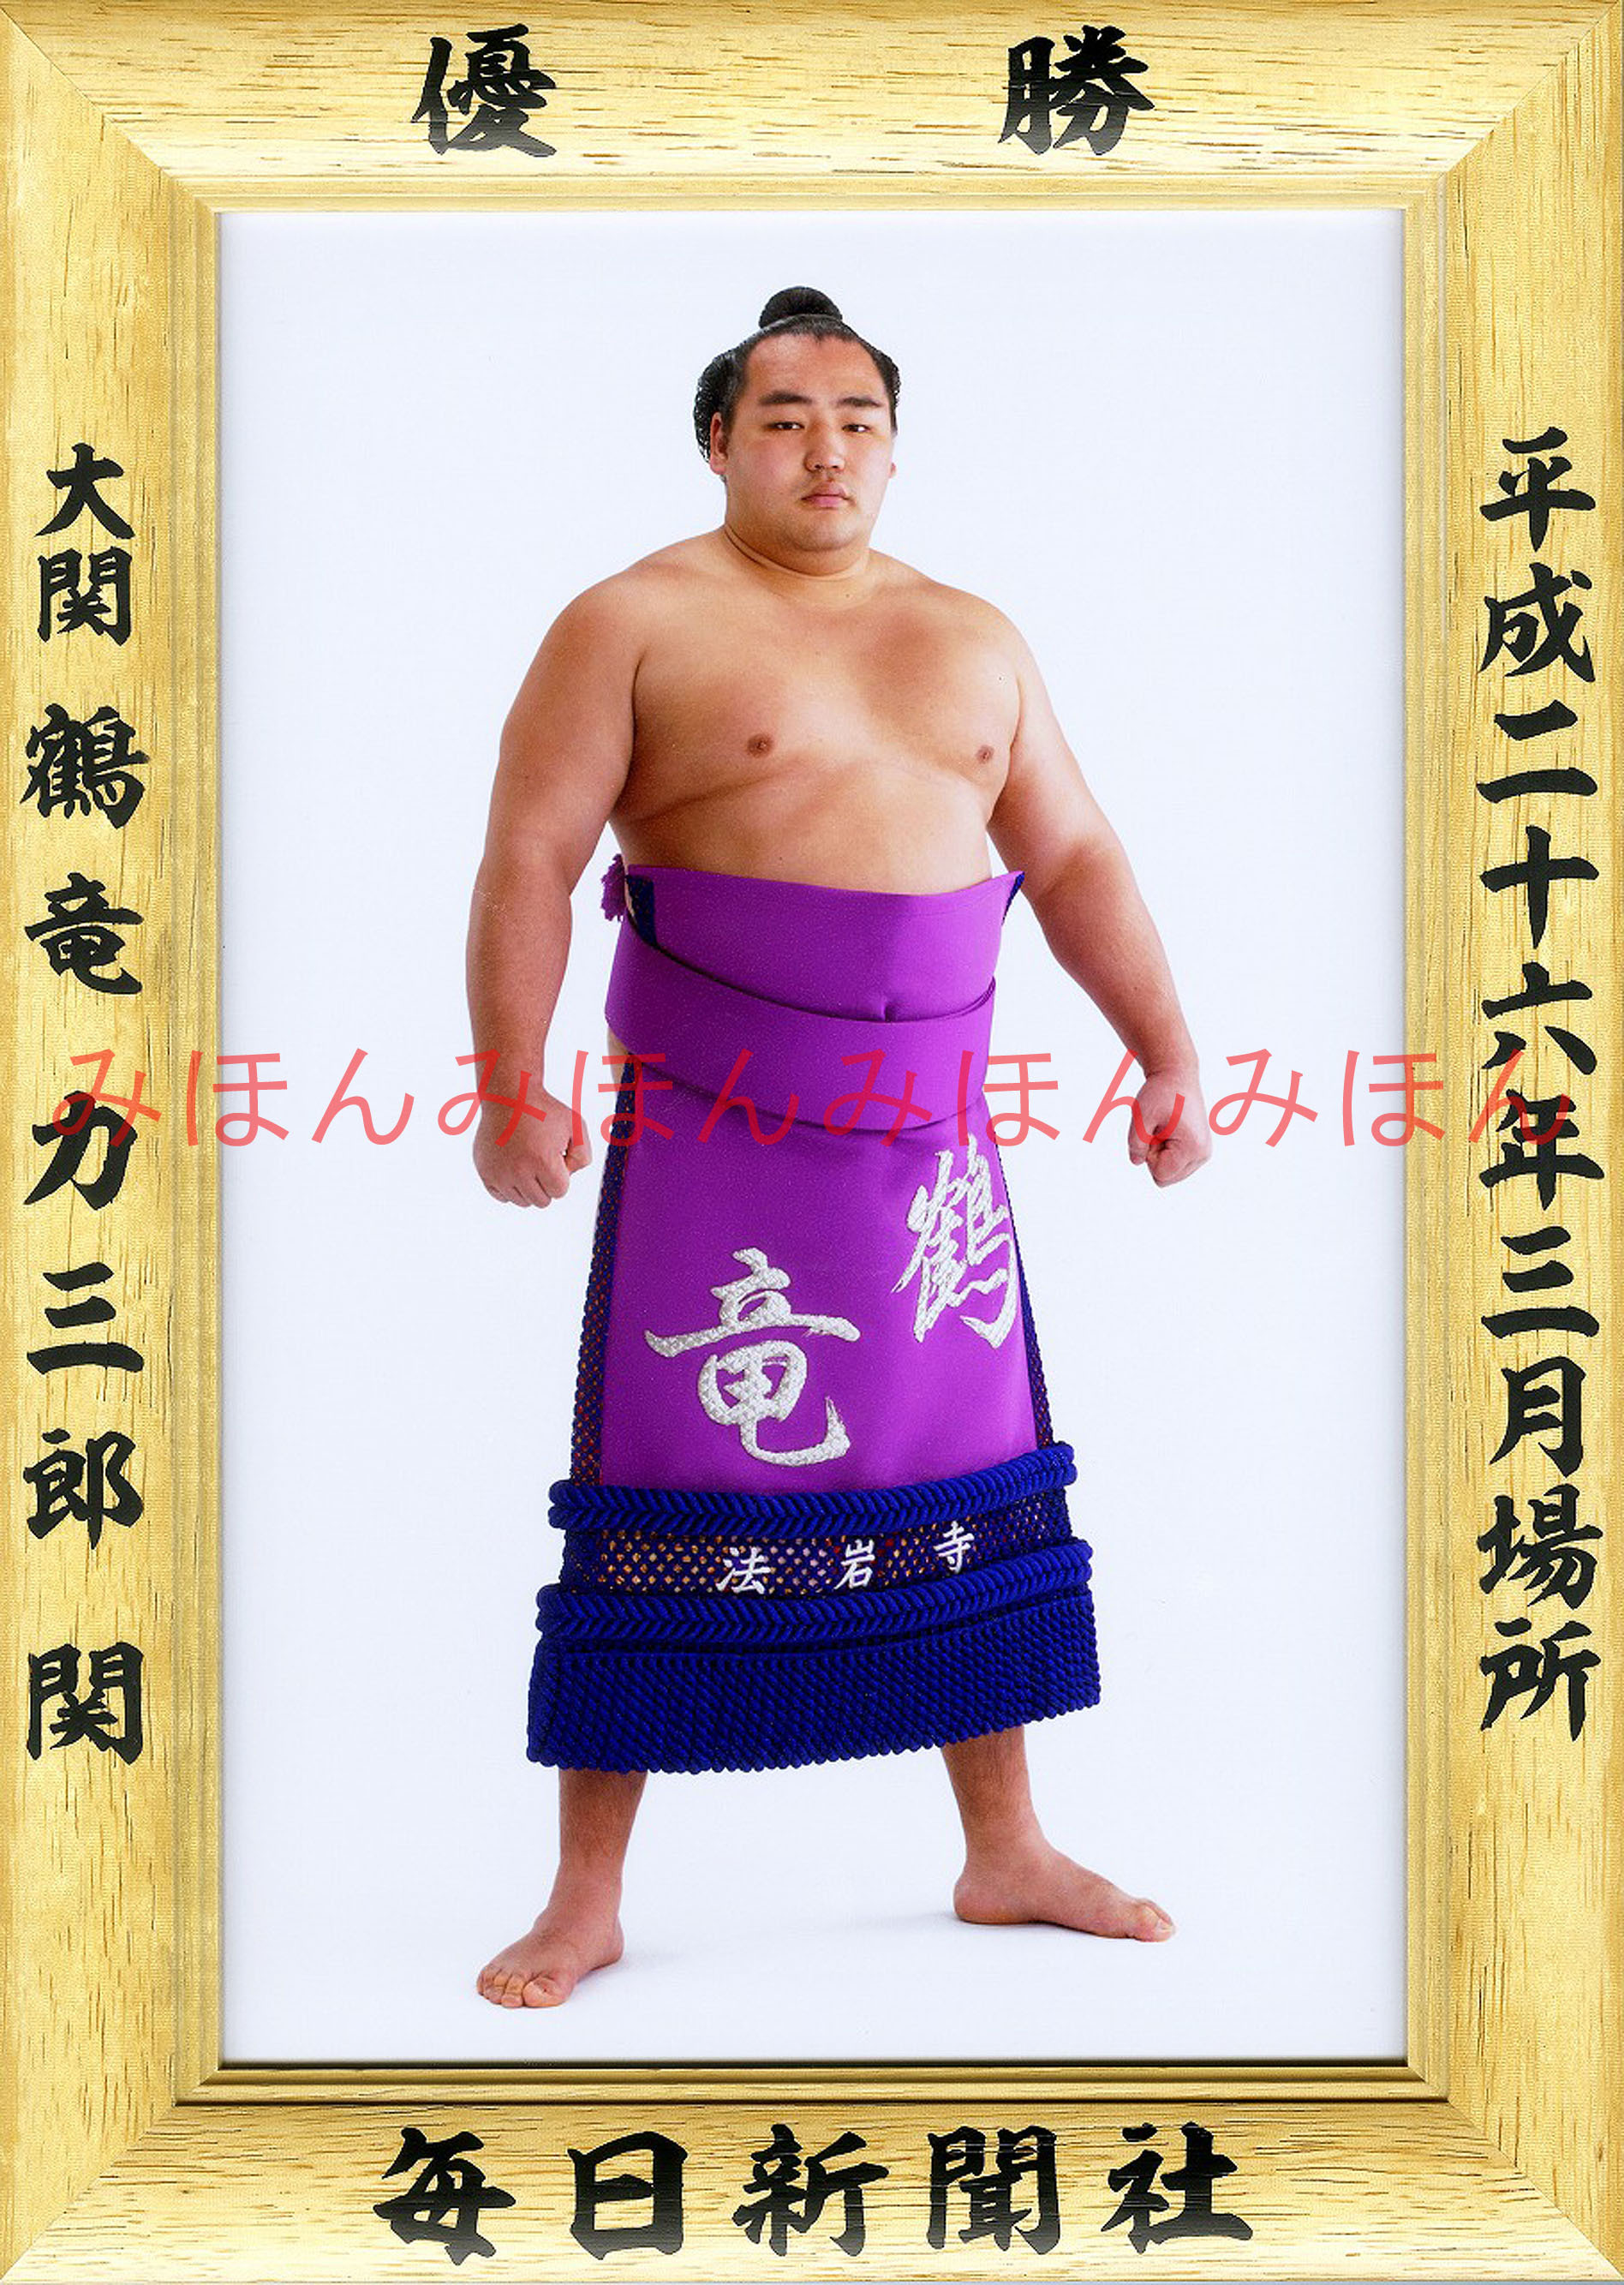 平成26年3月場所優勝 大関 鶴竜力三郎関(初優勝)